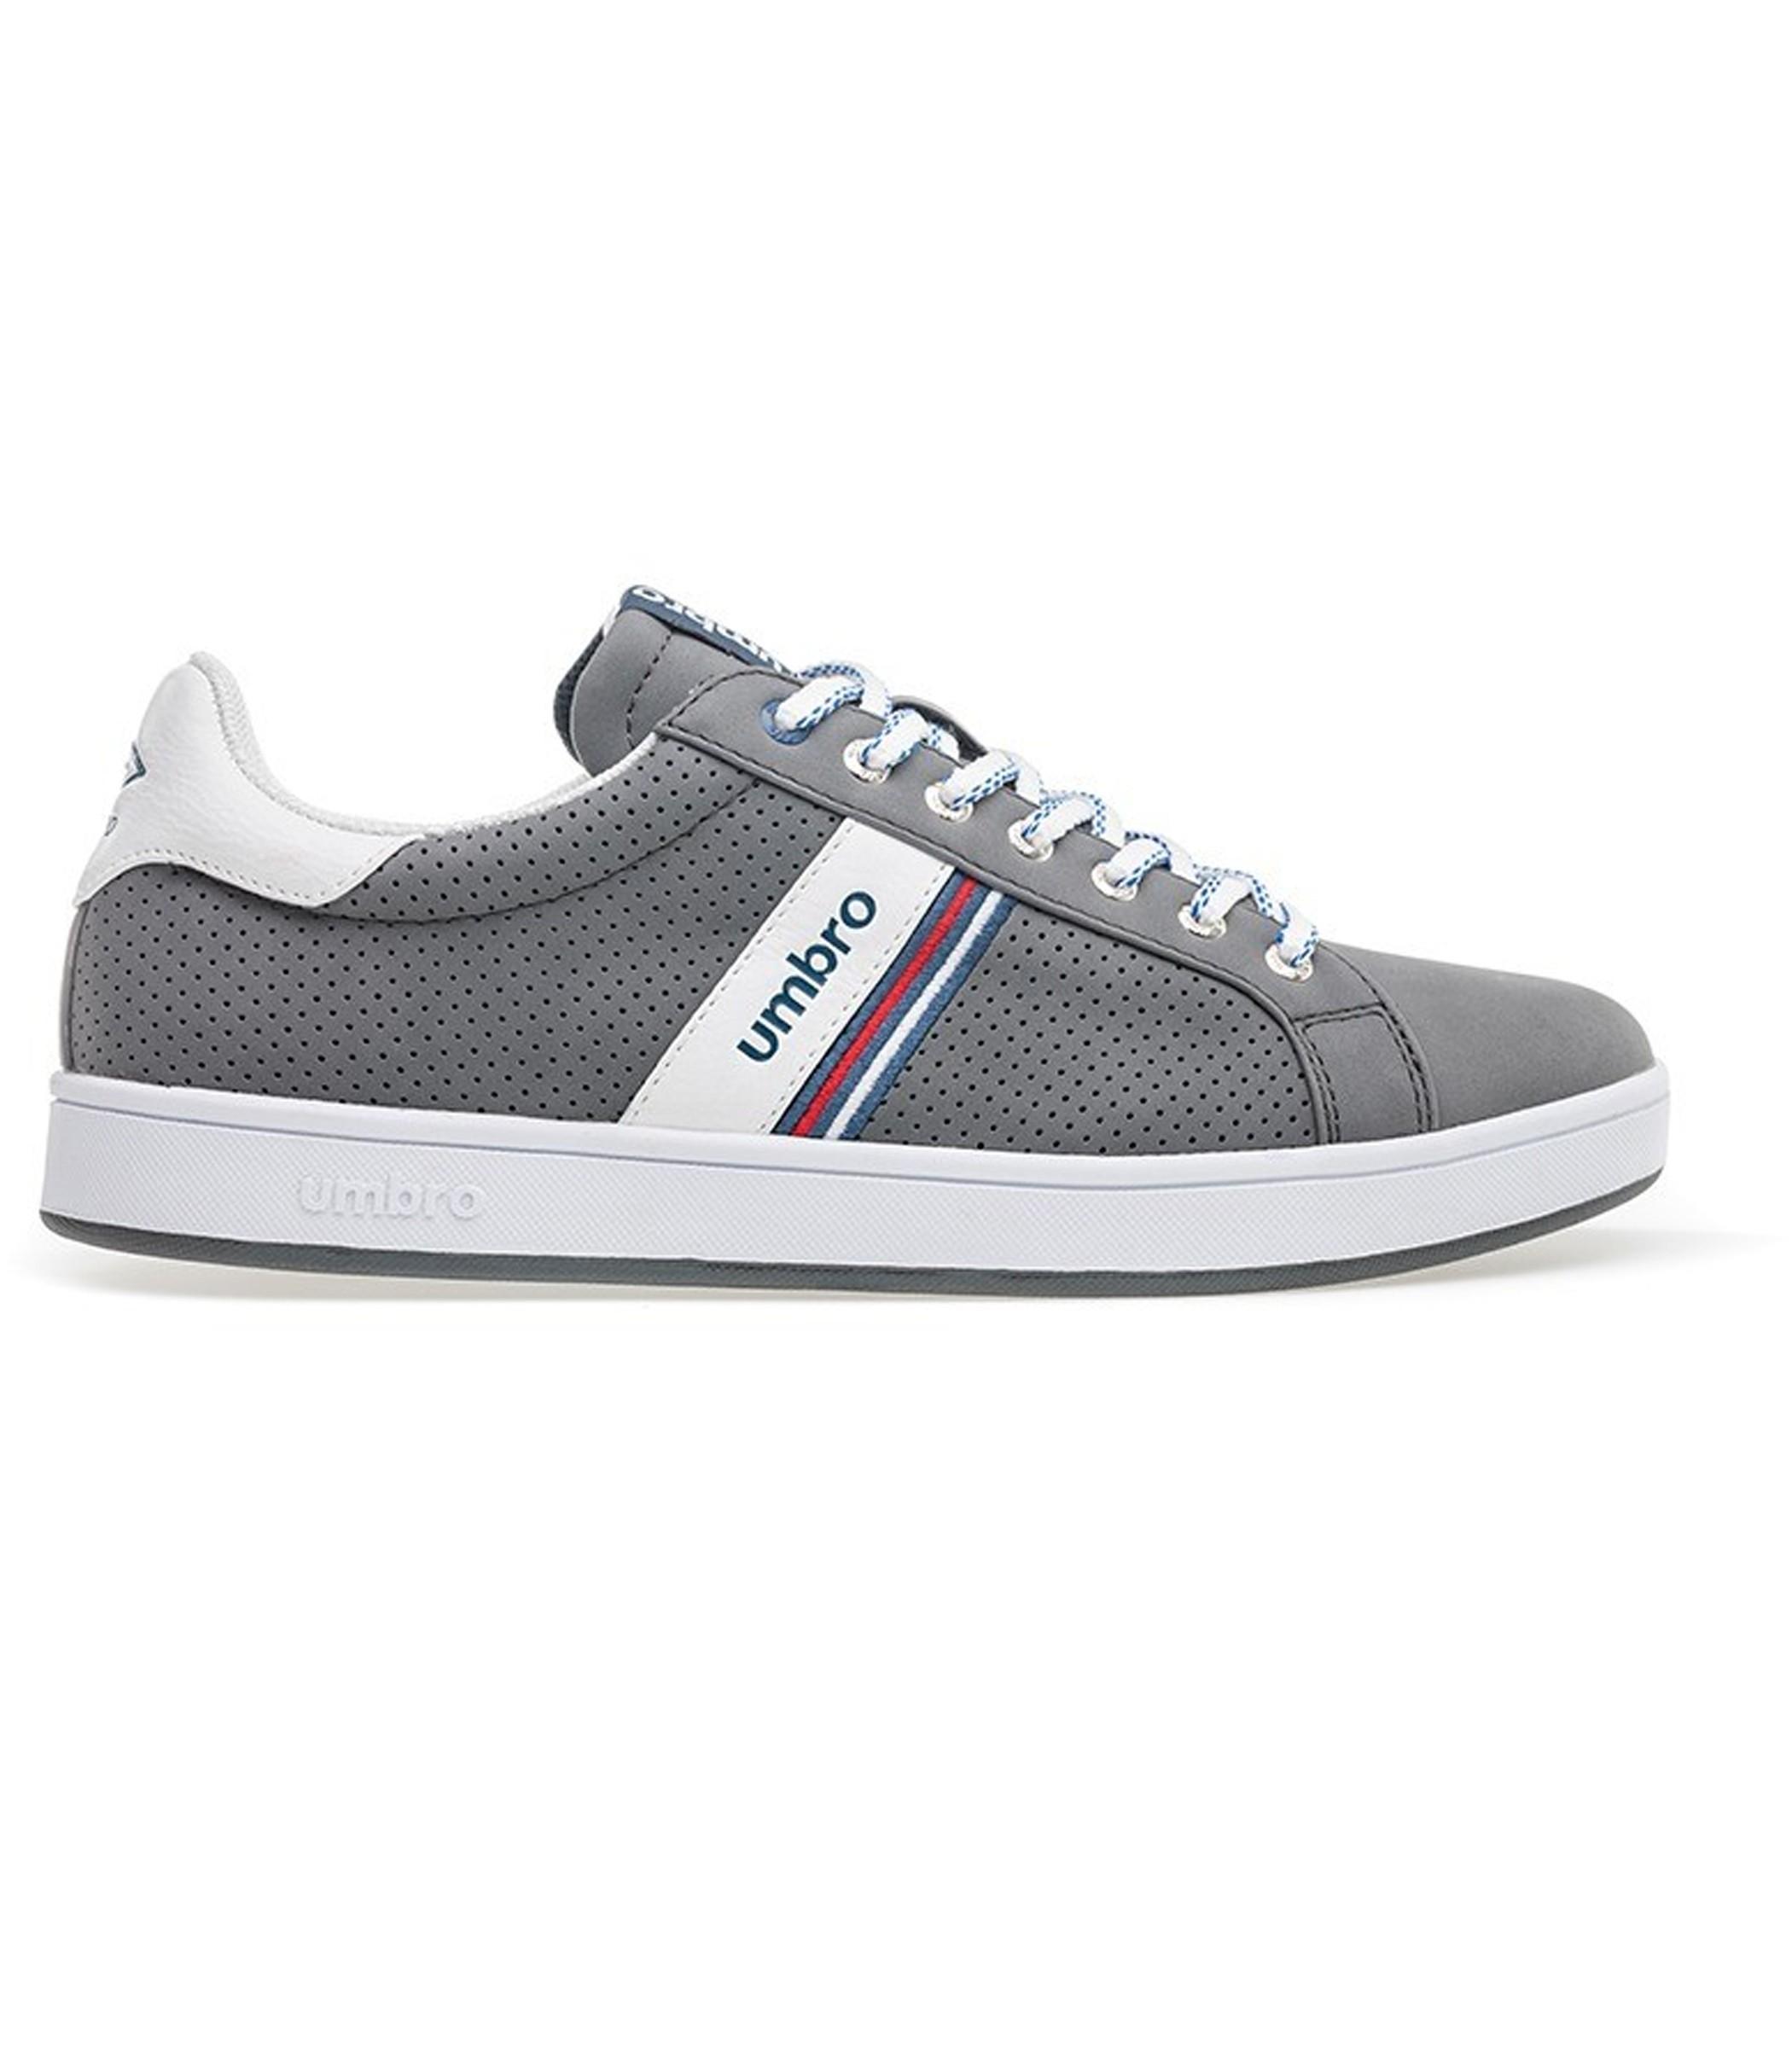 separation shoes 0a3c1 9f1e7 Scarpe Sneakers Umbro Chelsea Nbk da uomo grigio o ghiaccio ...